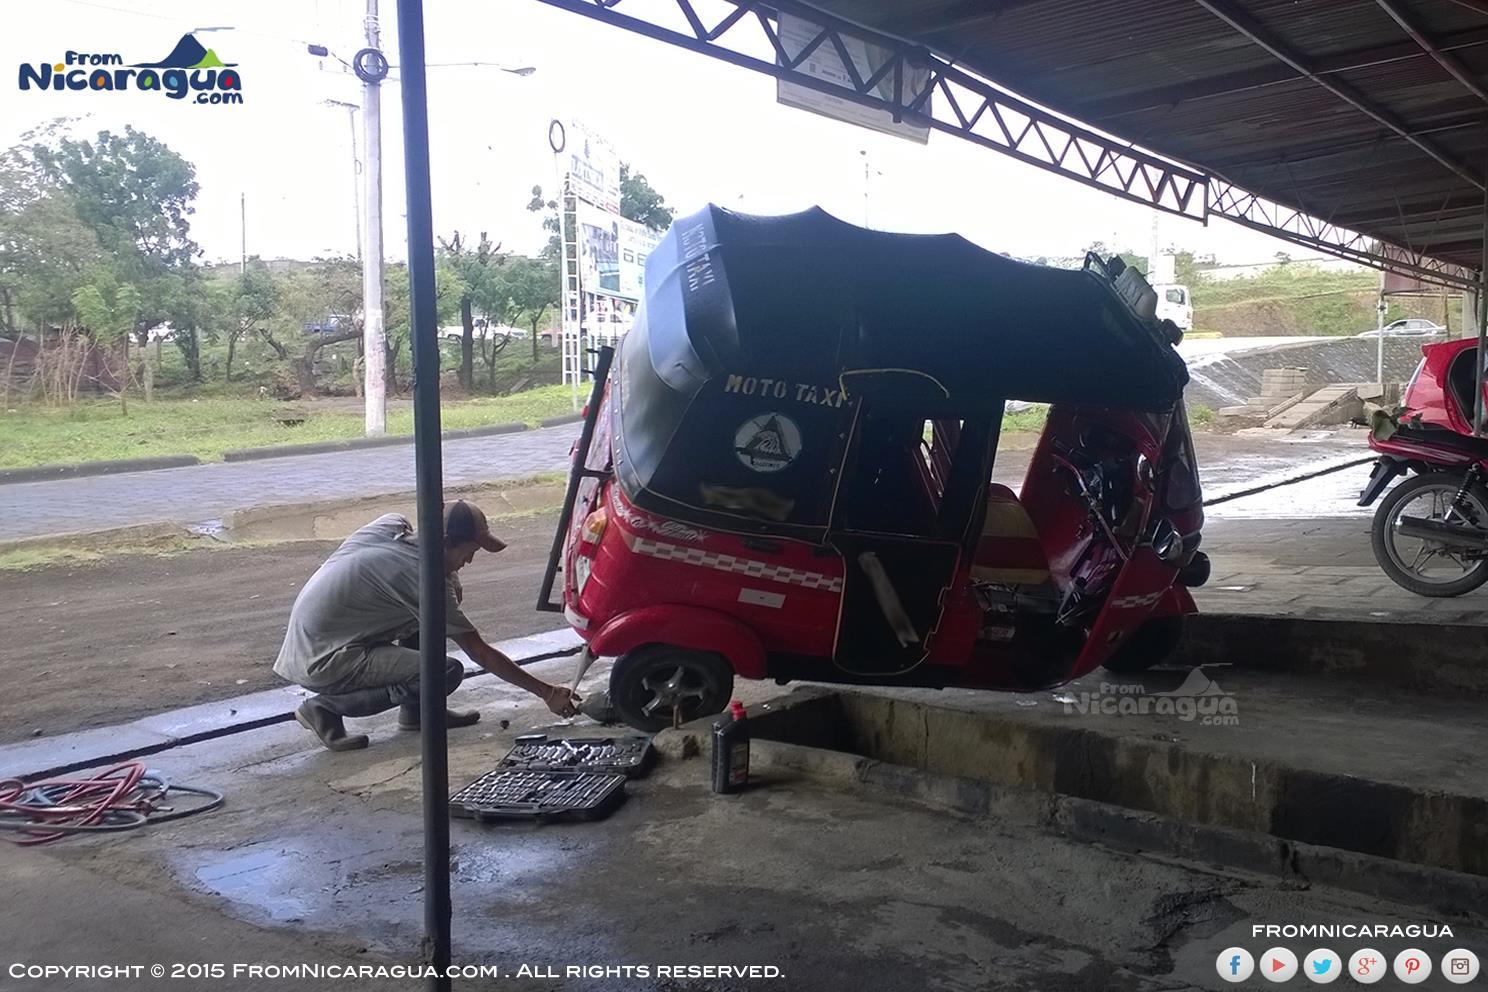 Las Caponeras en Nicaragua en medio de trabajo y transporte de bajo costo